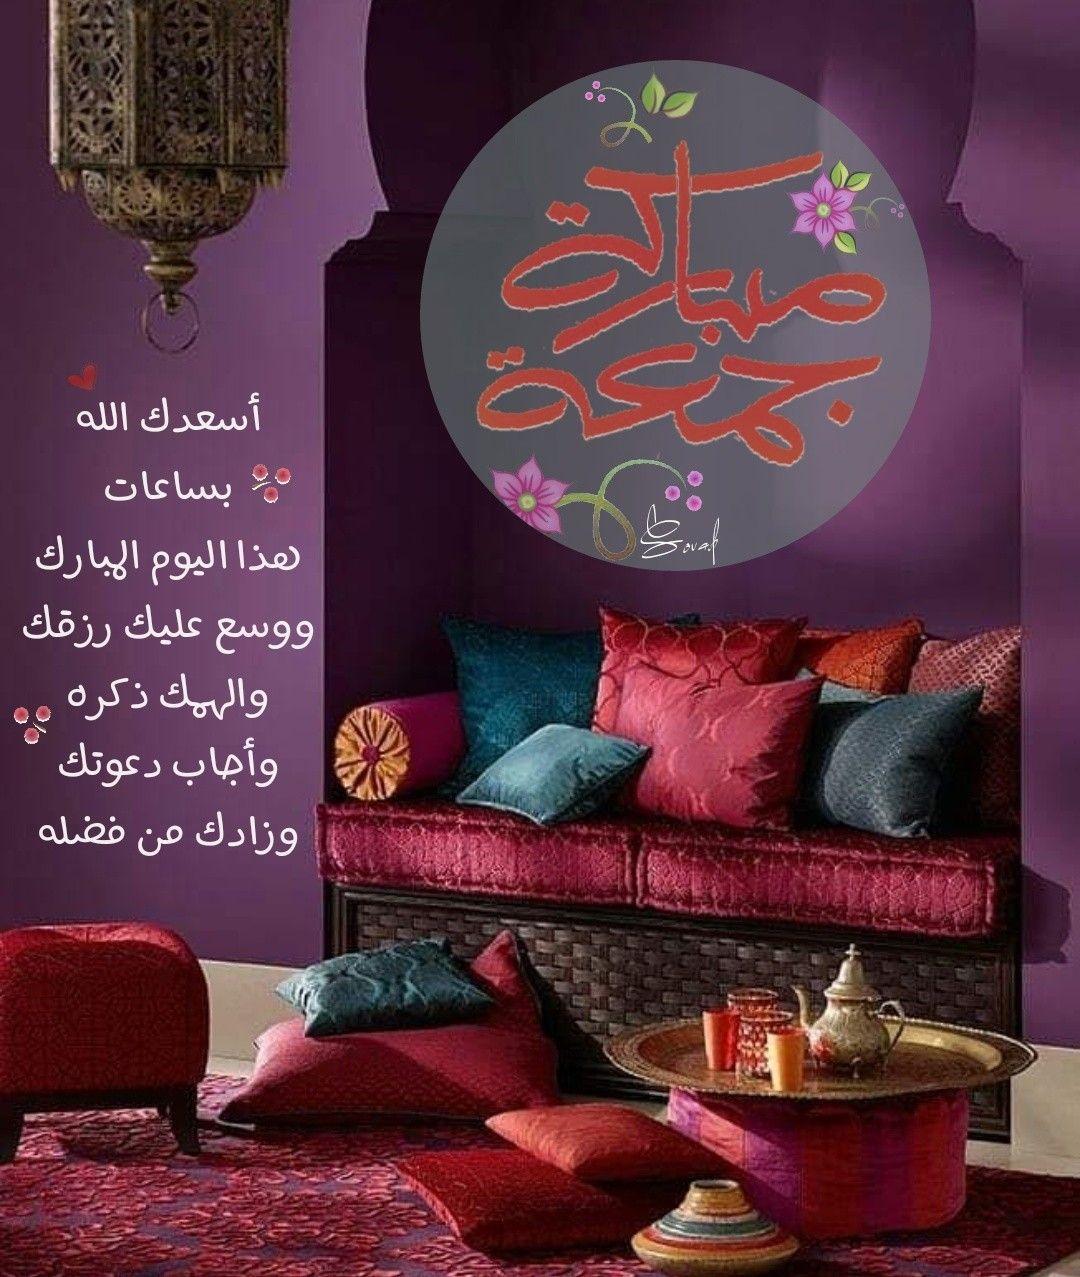 جمعة طيبة مباركة Blessed Friday Jumma Mubarak Images Islamic Calligraphy